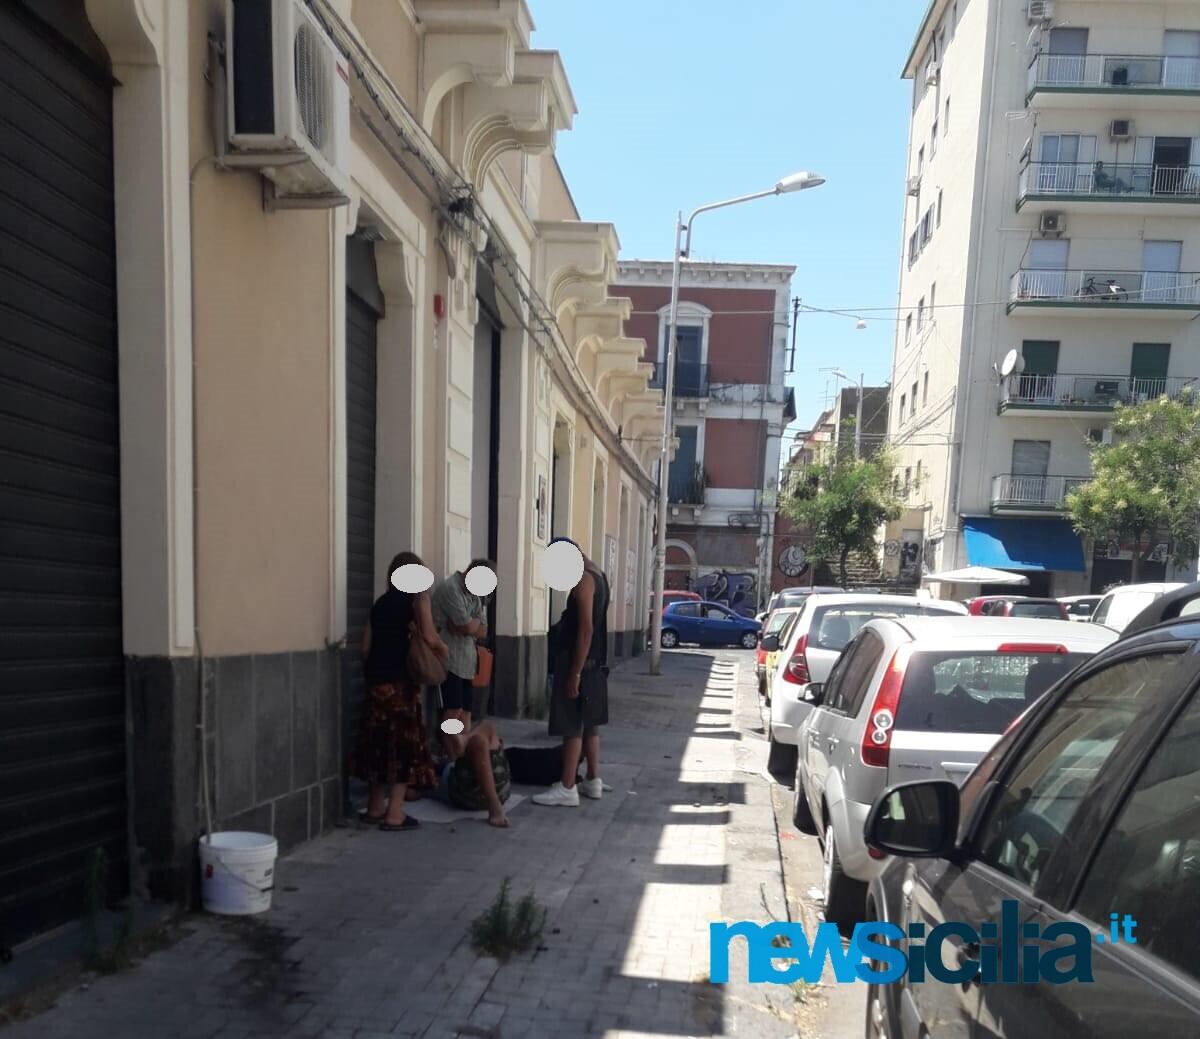 Catania, extracomunitari fanno i bisogni per strada e importunano la gente: l'appello disperato di commercianti e residenti – FOTO